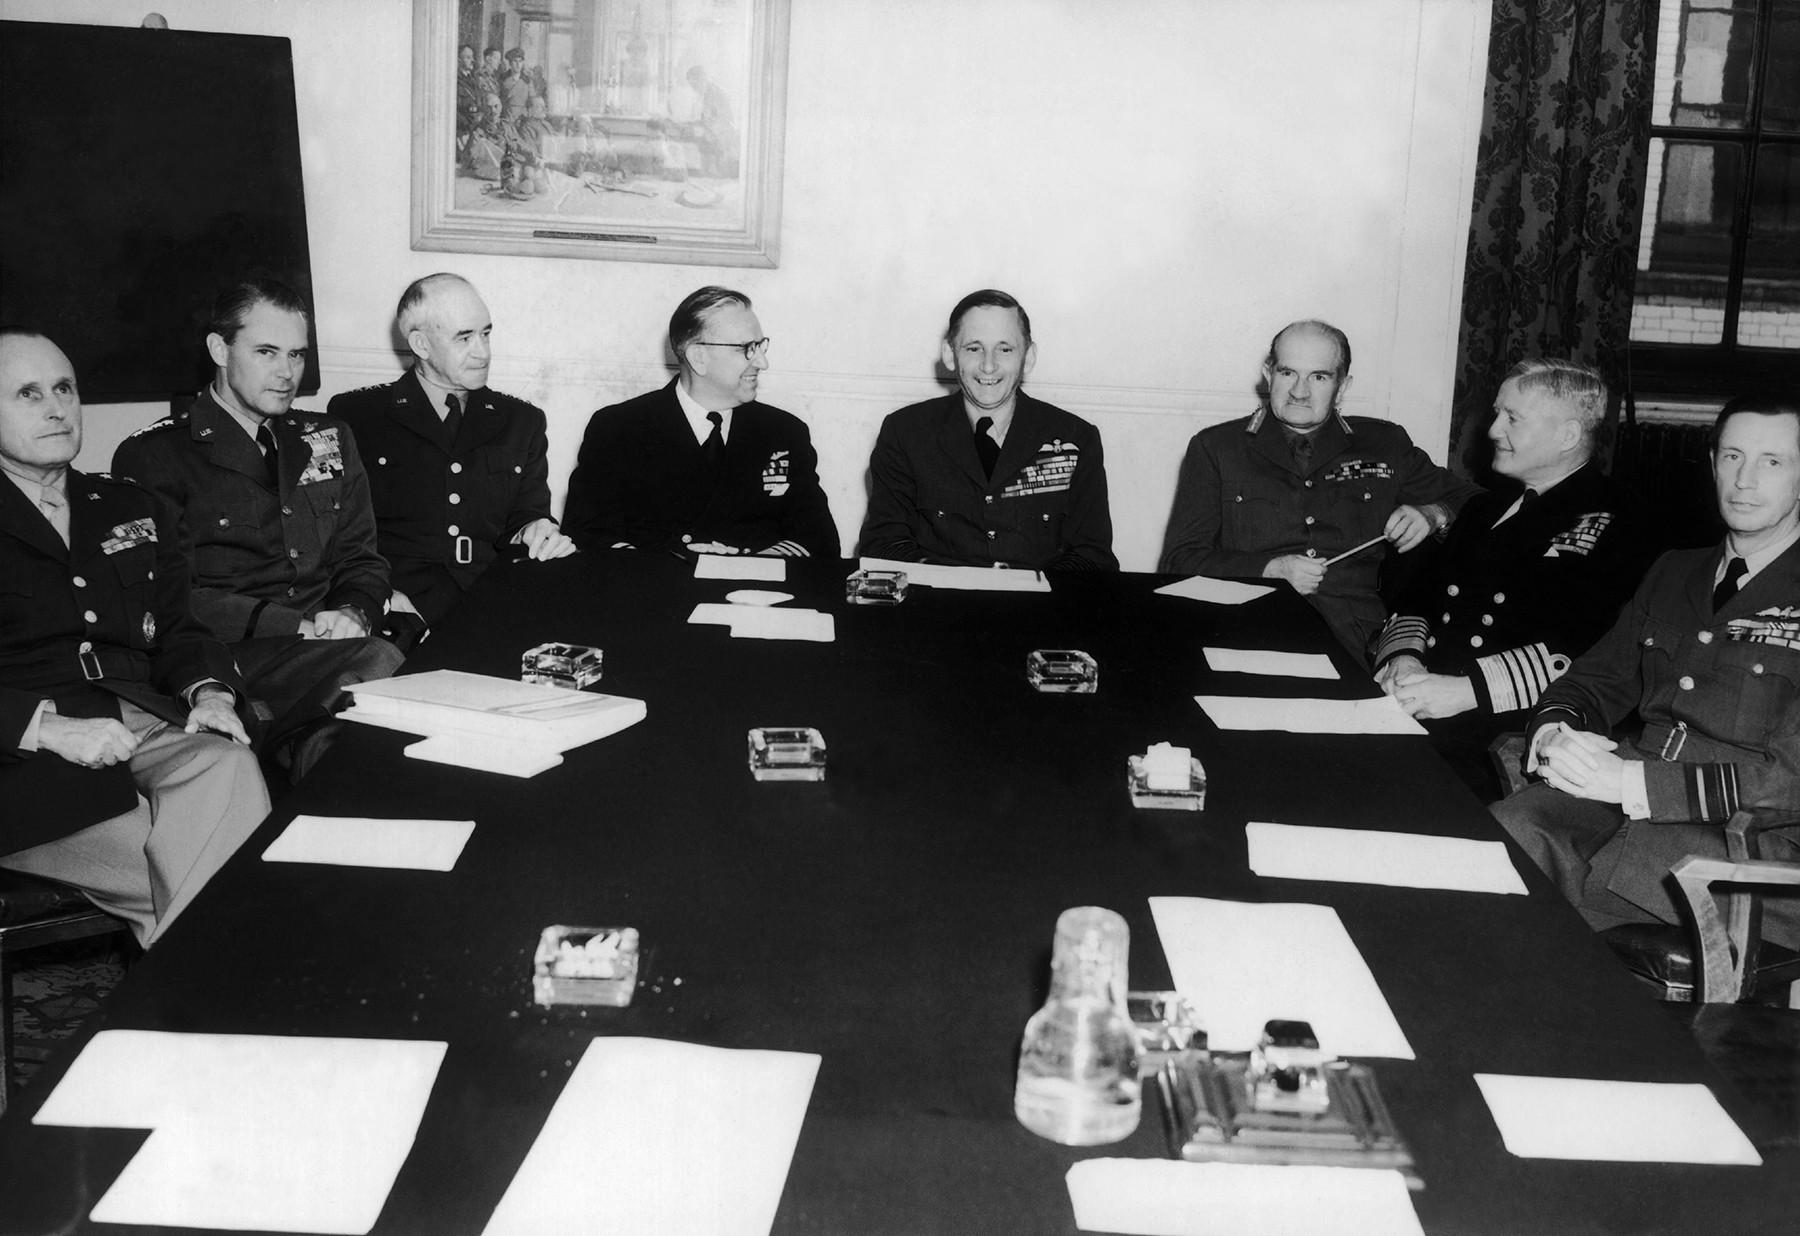 Ameriški in britanski generali za okroglo mizo, Velika Britanija, 8. 3. 1949